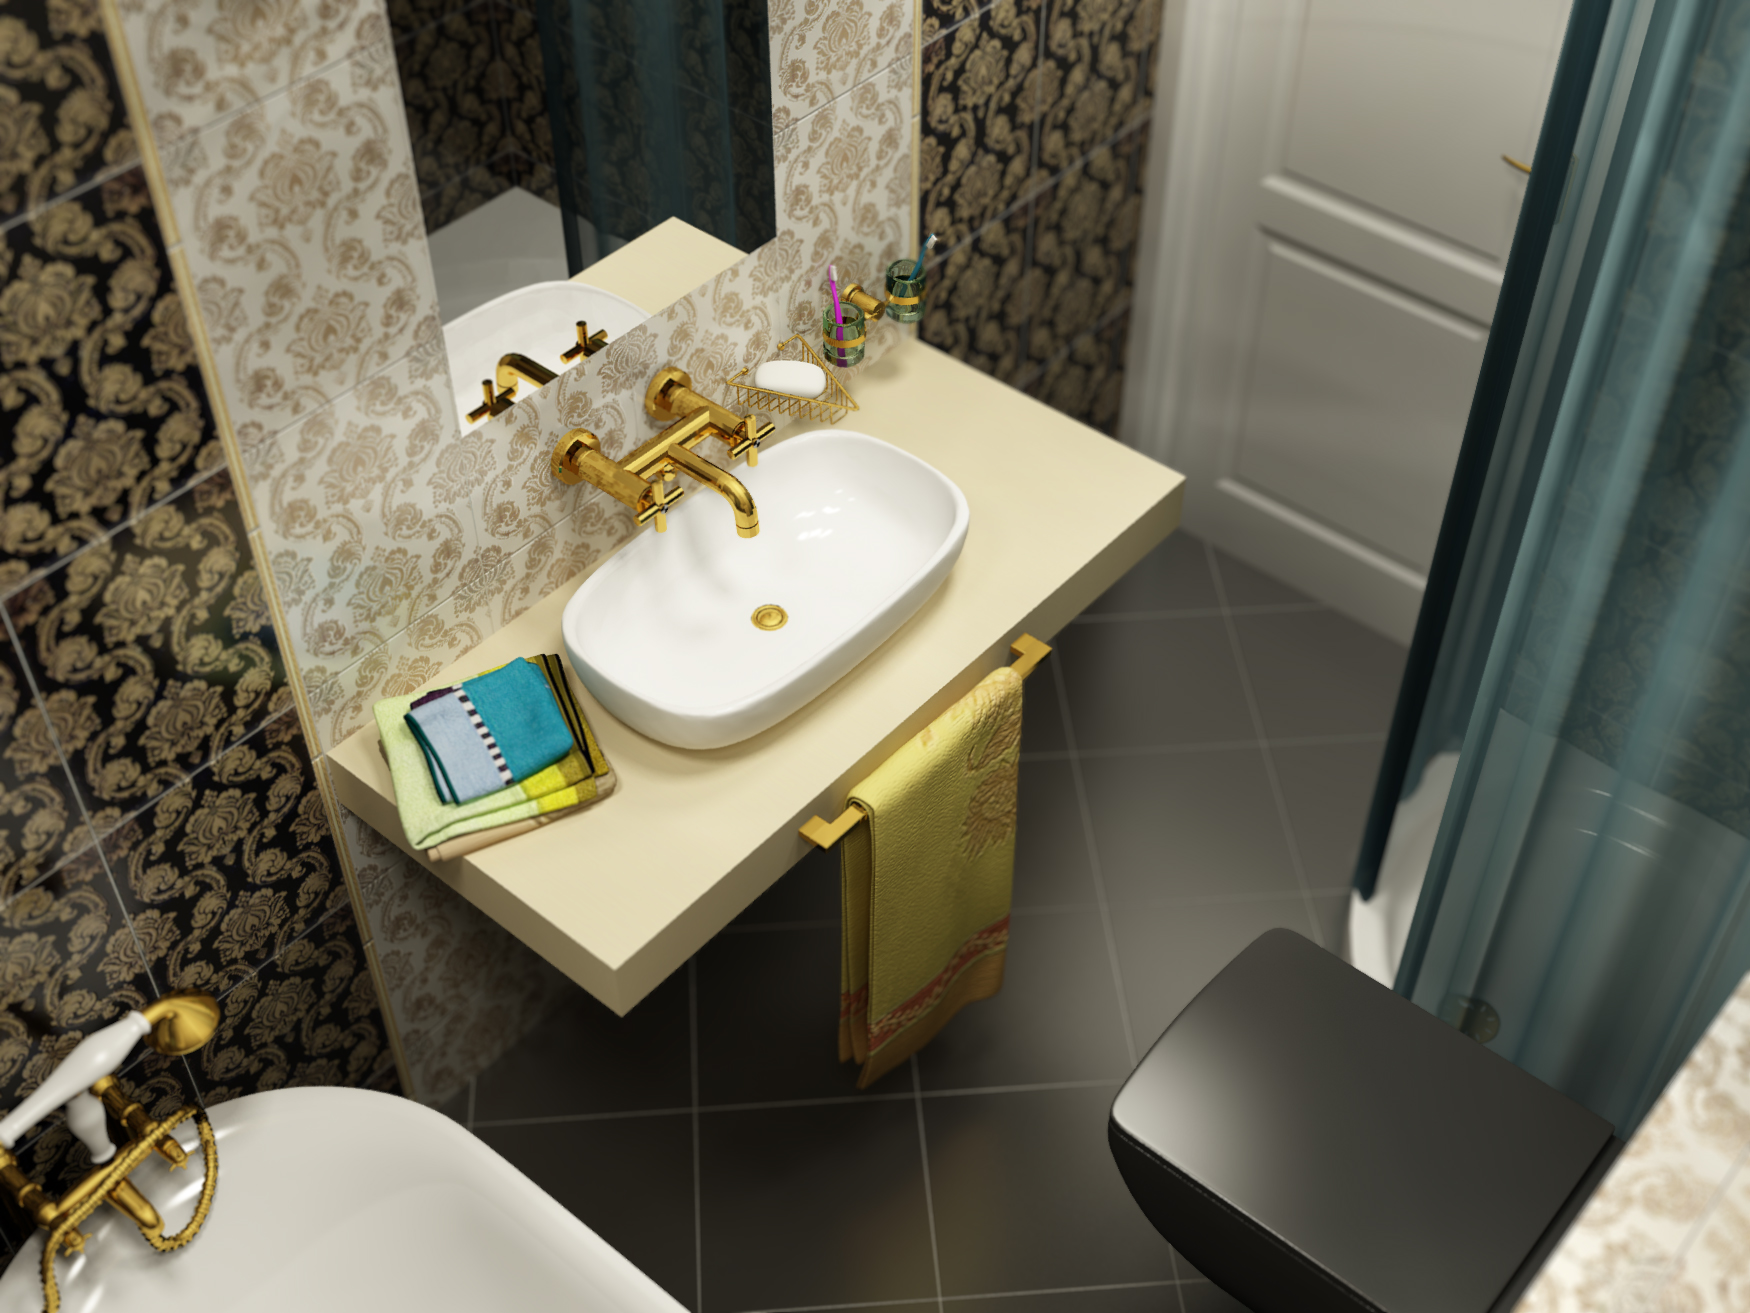 exclusive-classic-bathroom-black-tiles-flooring-decorative-floral-bathroom-ideas-bathroom-black.com-room-tiles-tiles-floor-44378